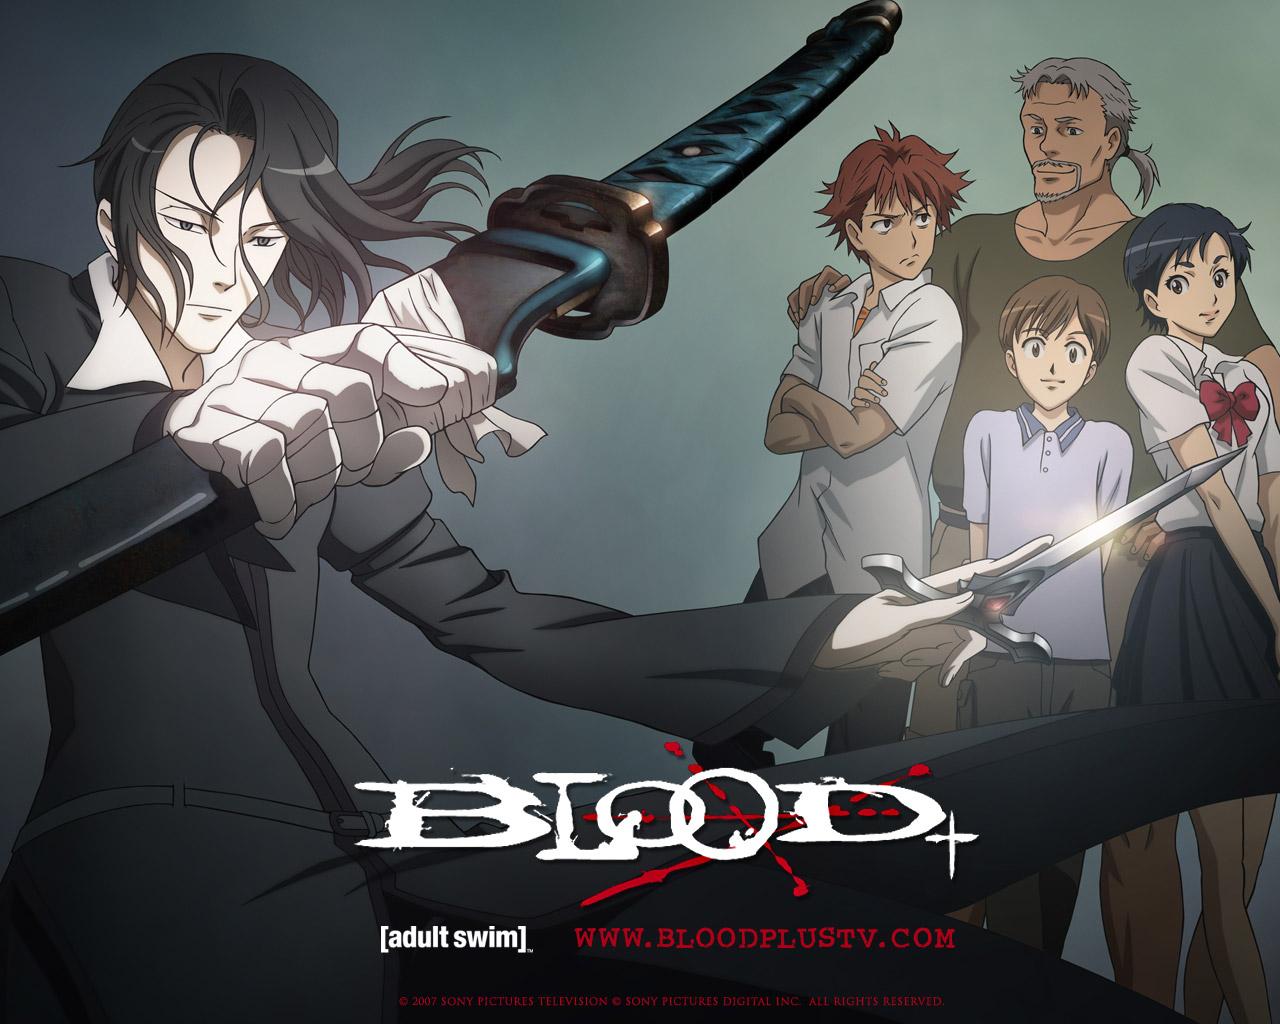 http://3.bp.blogspot.com/_QTCDsXPzv4s/S6wx-6Edi3I/AAAAAAAAAGE/Uf1qJ0NoJfQ/s1600/2005_bloodplus_wallpaper_003.jpg